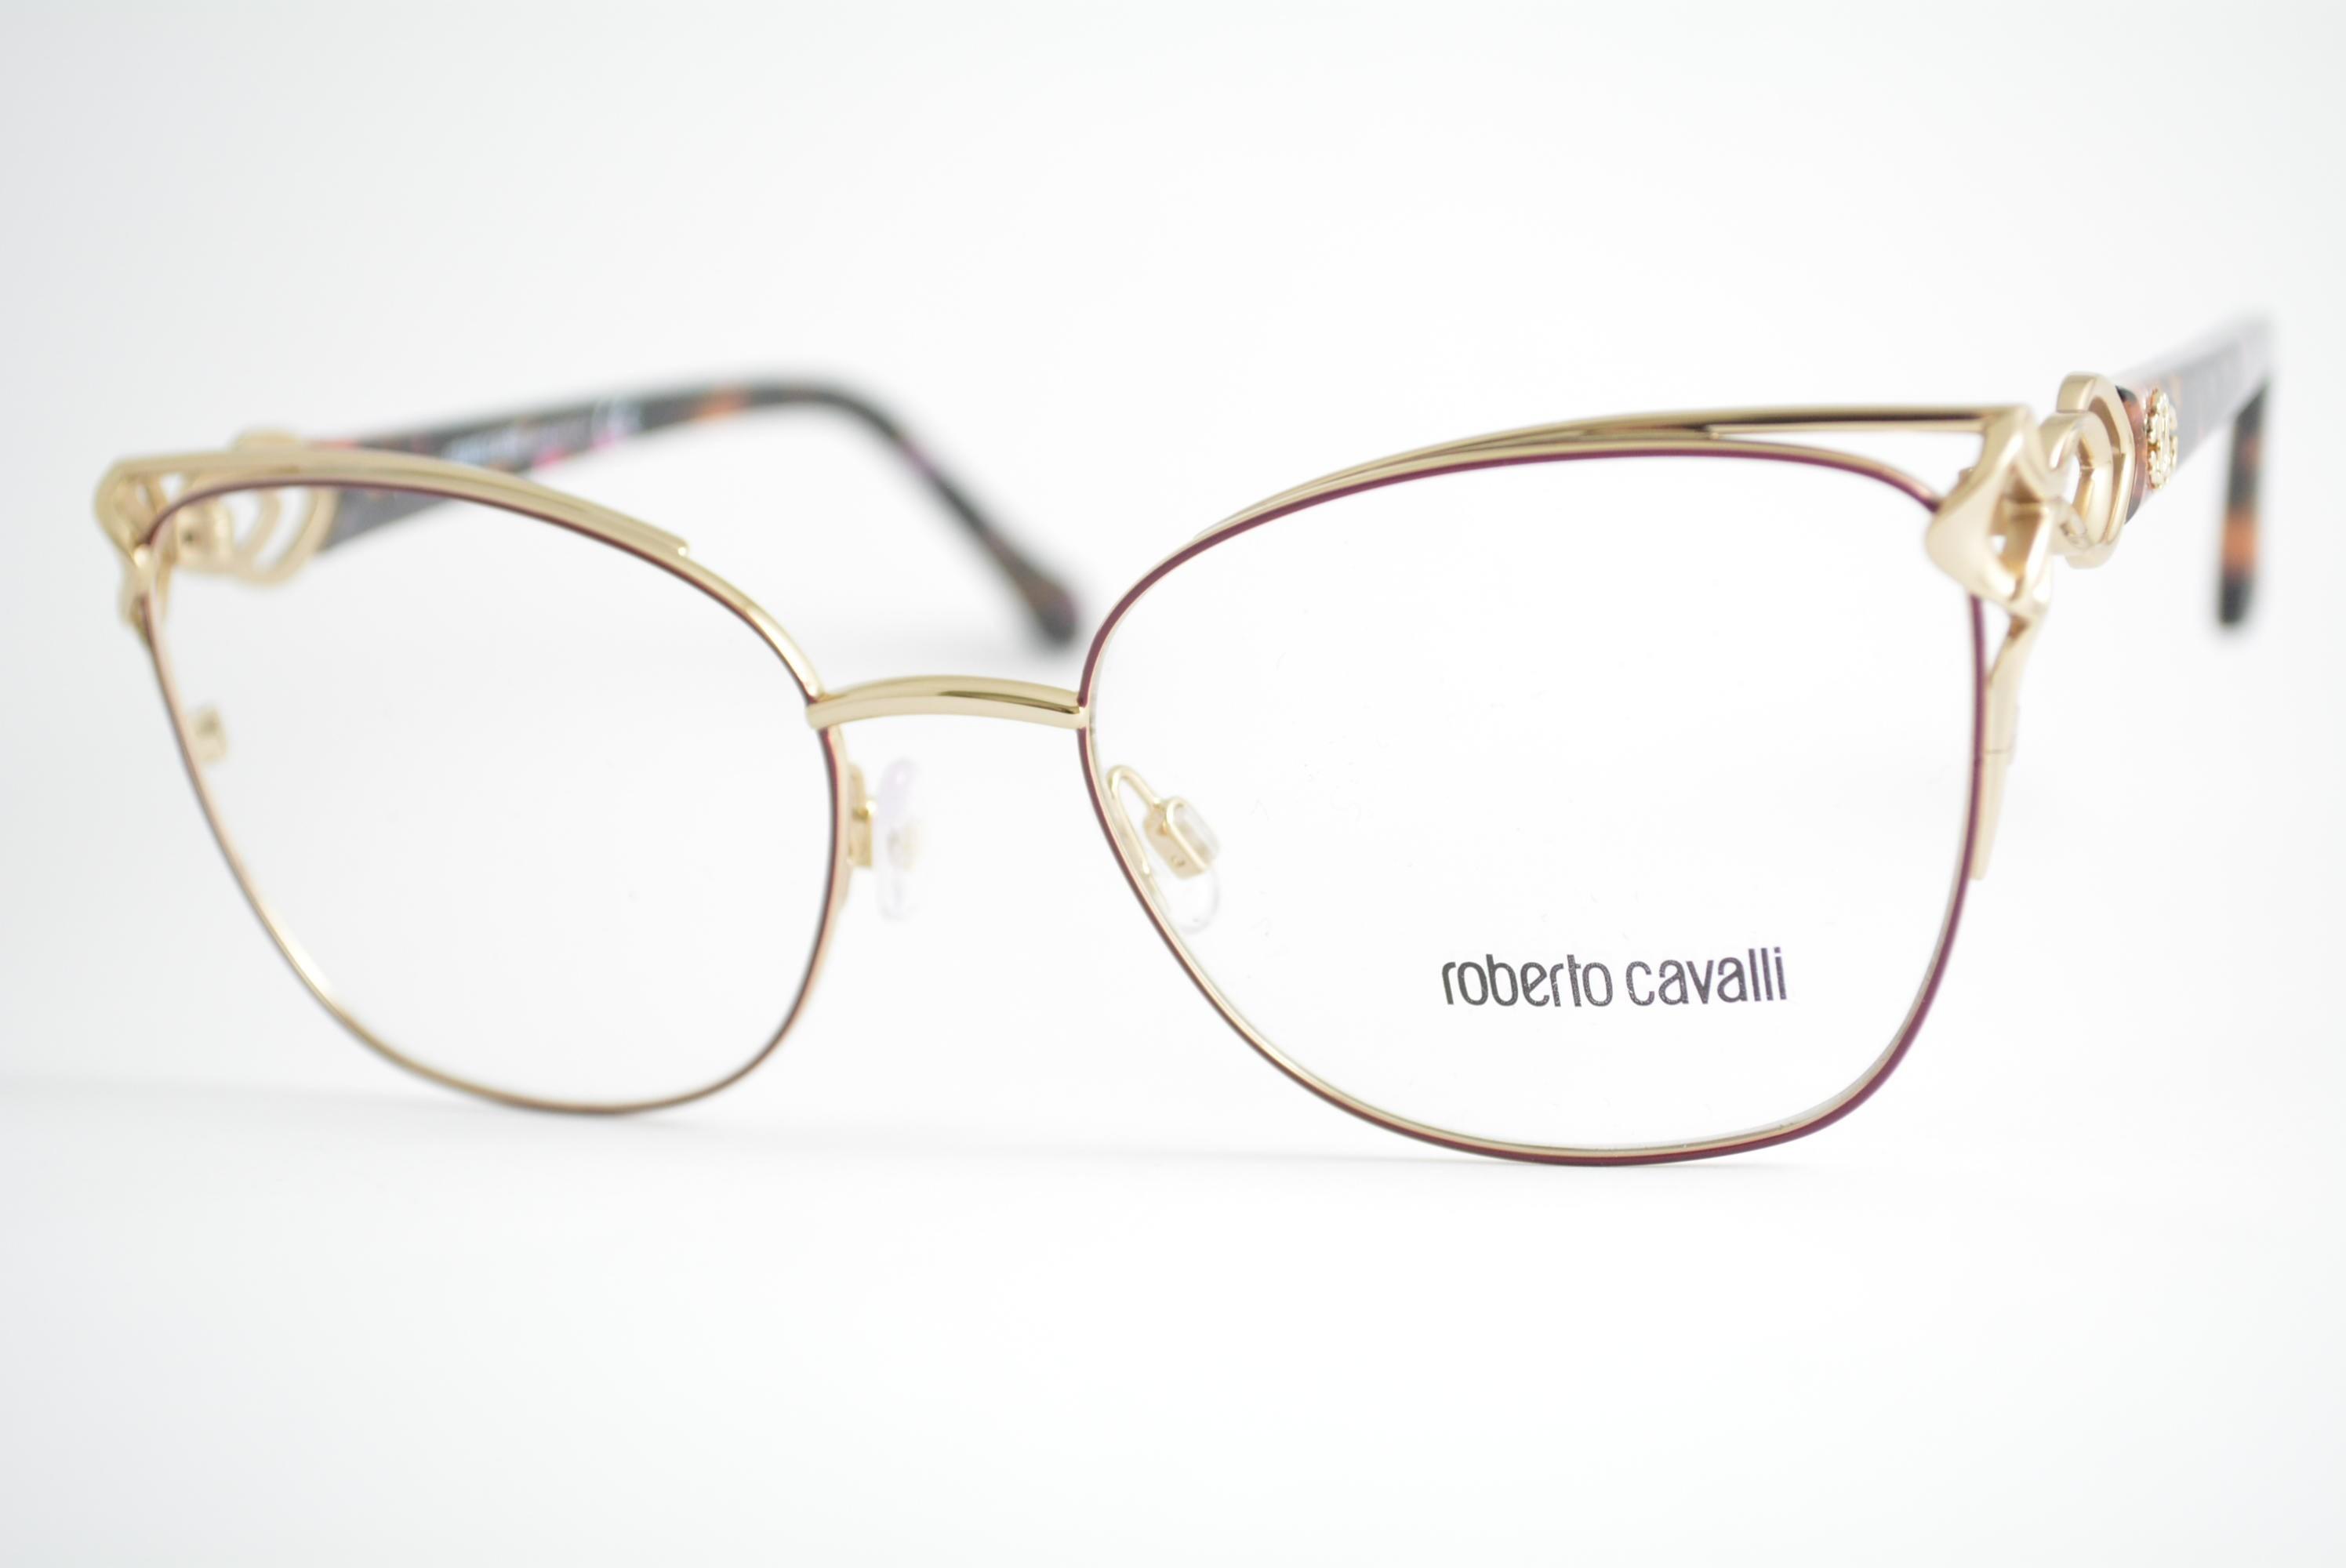 armação de óculos Roberto Cavalli mod 5062 a31 Ótica Cardoso 2402638d50